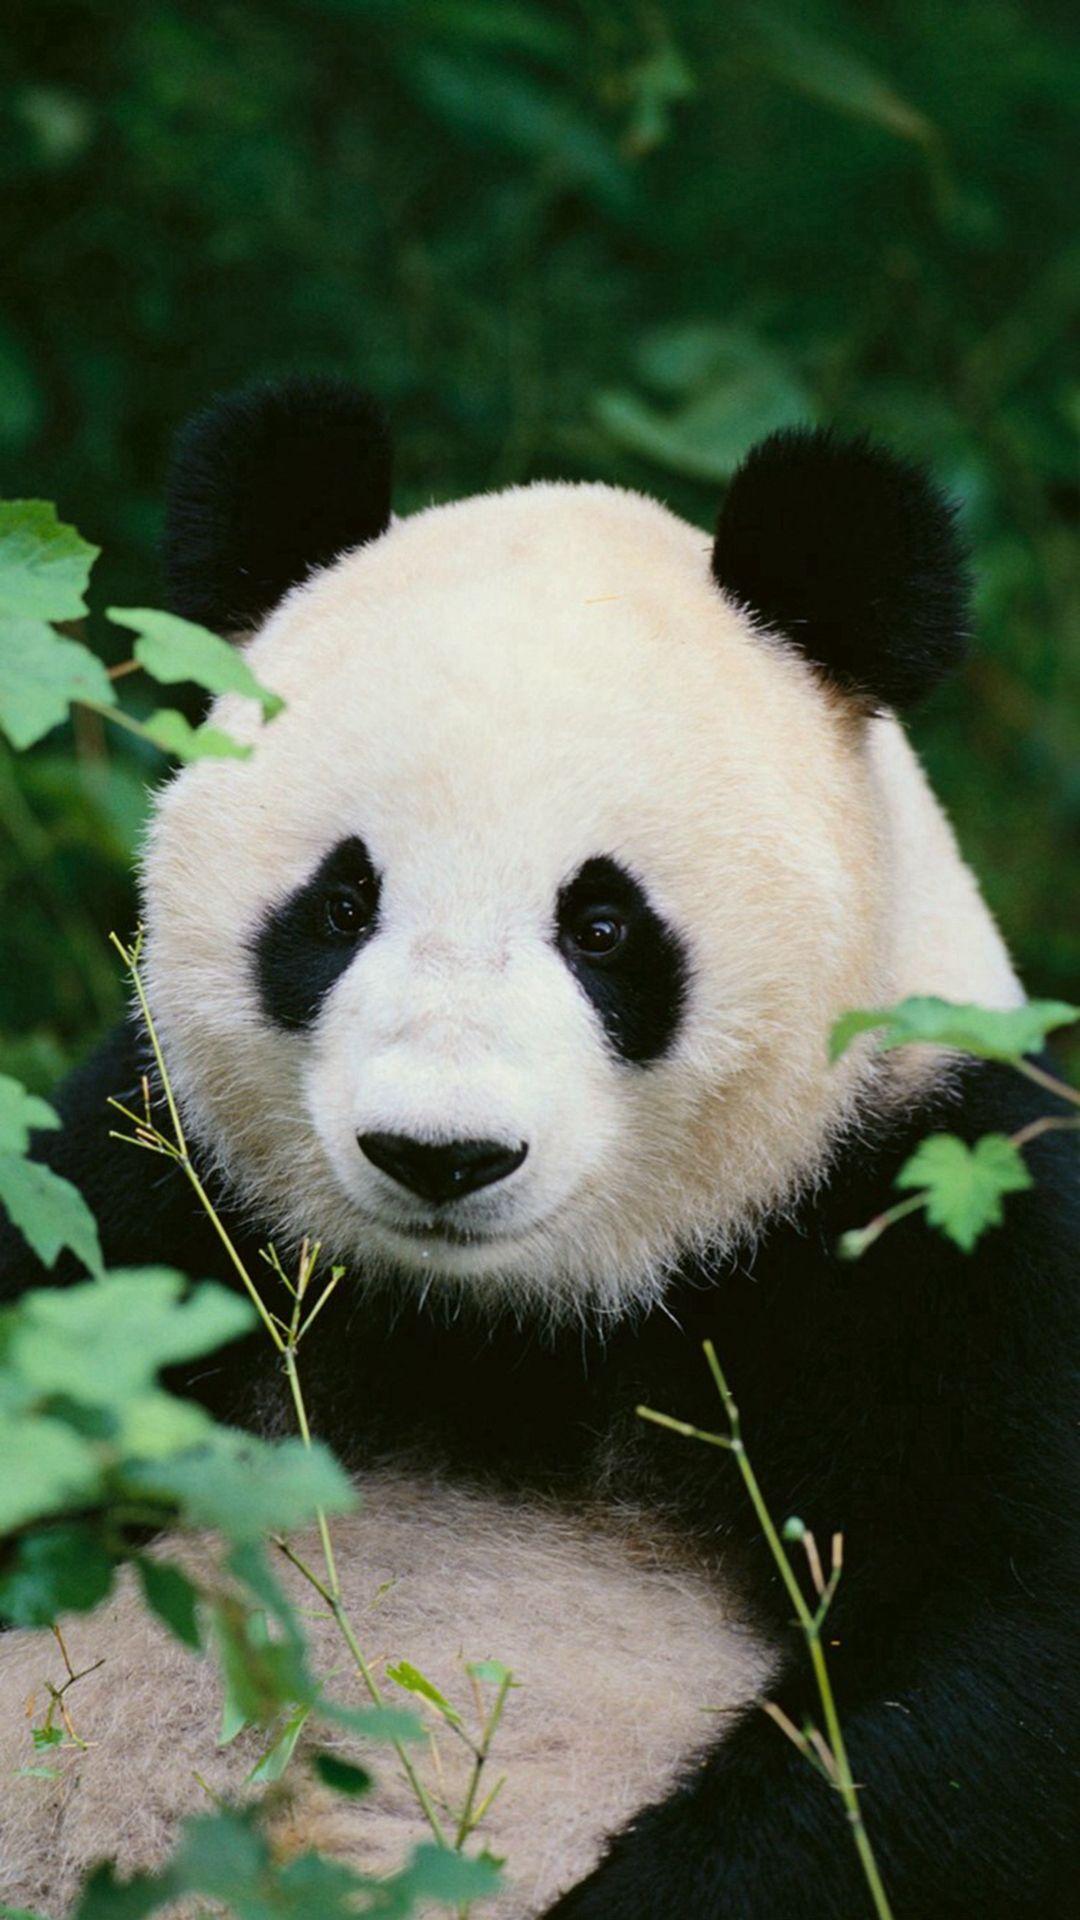 Panda Woods Nature Iphone 6 Wallpaper Download Iphone Wallpapers Ipad Wallpapers One Stop Download Panda Images Cute Panda Wallpaper Panda Wallpapers